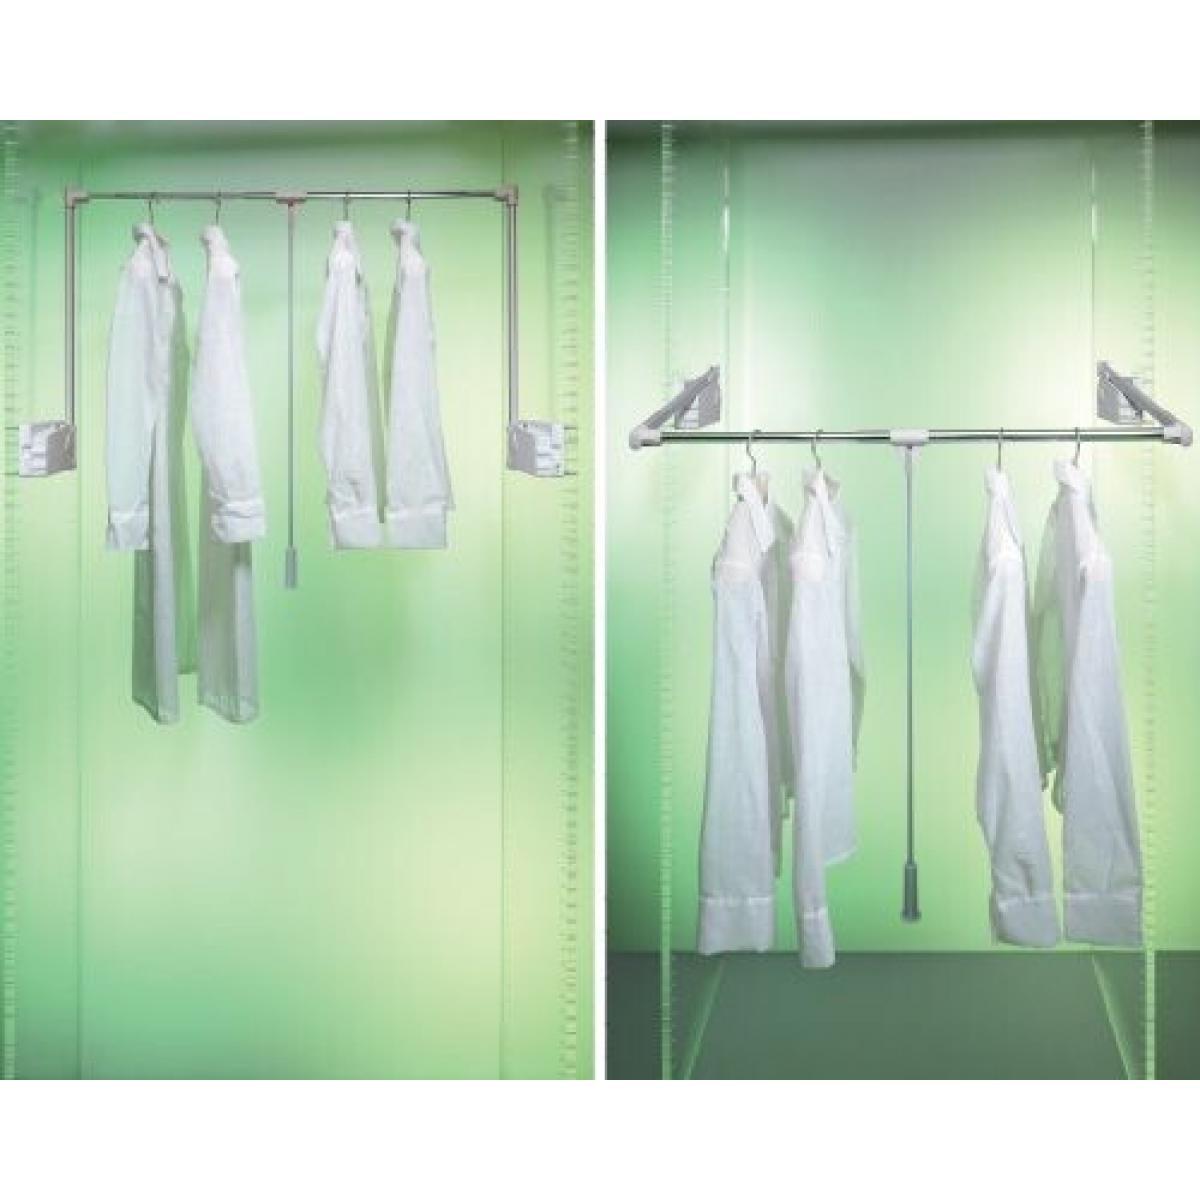 пантограф мебельный Лифт 500 для одежды в шкаф проем 75-115см вес до 10кг цвет серый; Производитель: Ambos SRL ИТАЛИЯ